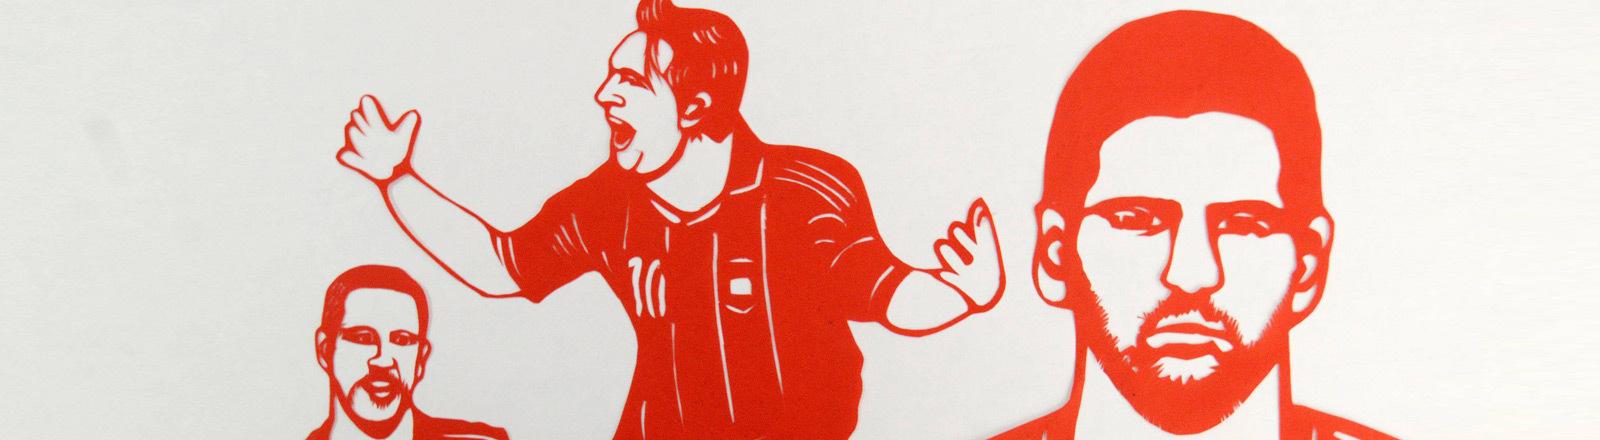 Verschiedene bekannte Fußballer wie Neymar und Messi als Scherenschnitt.